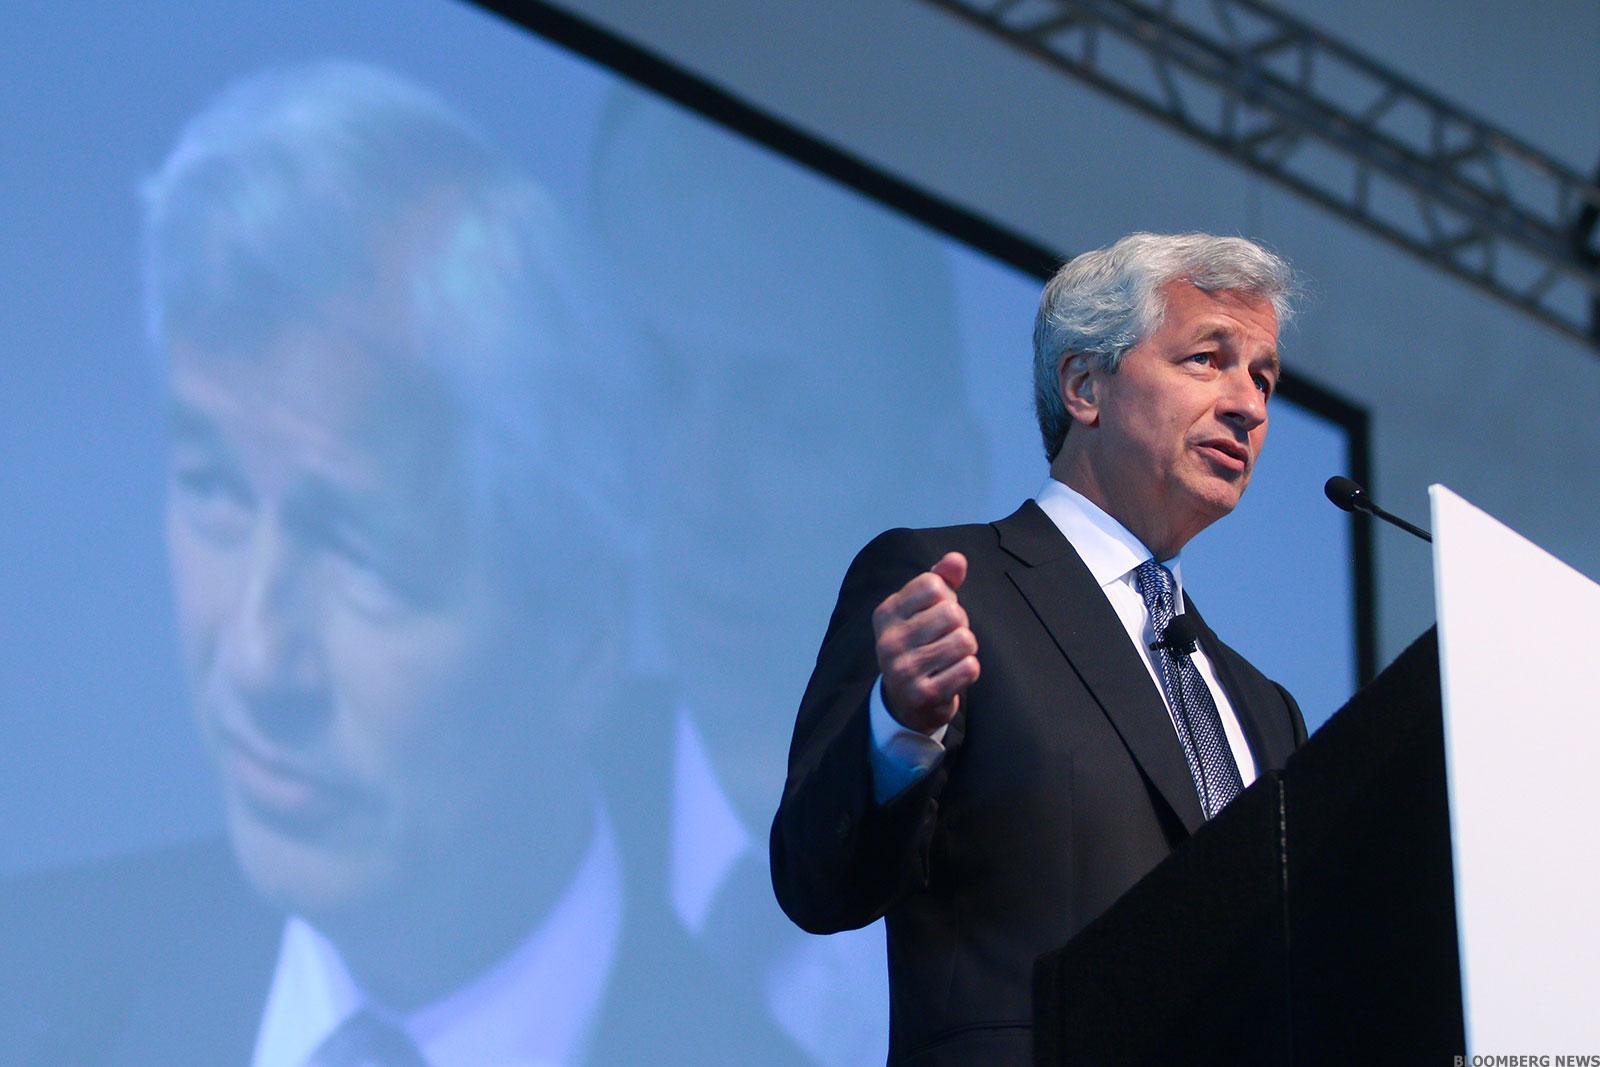 JPMorgan, Wells Fargo Get Fat Profits by Skimping on Savers